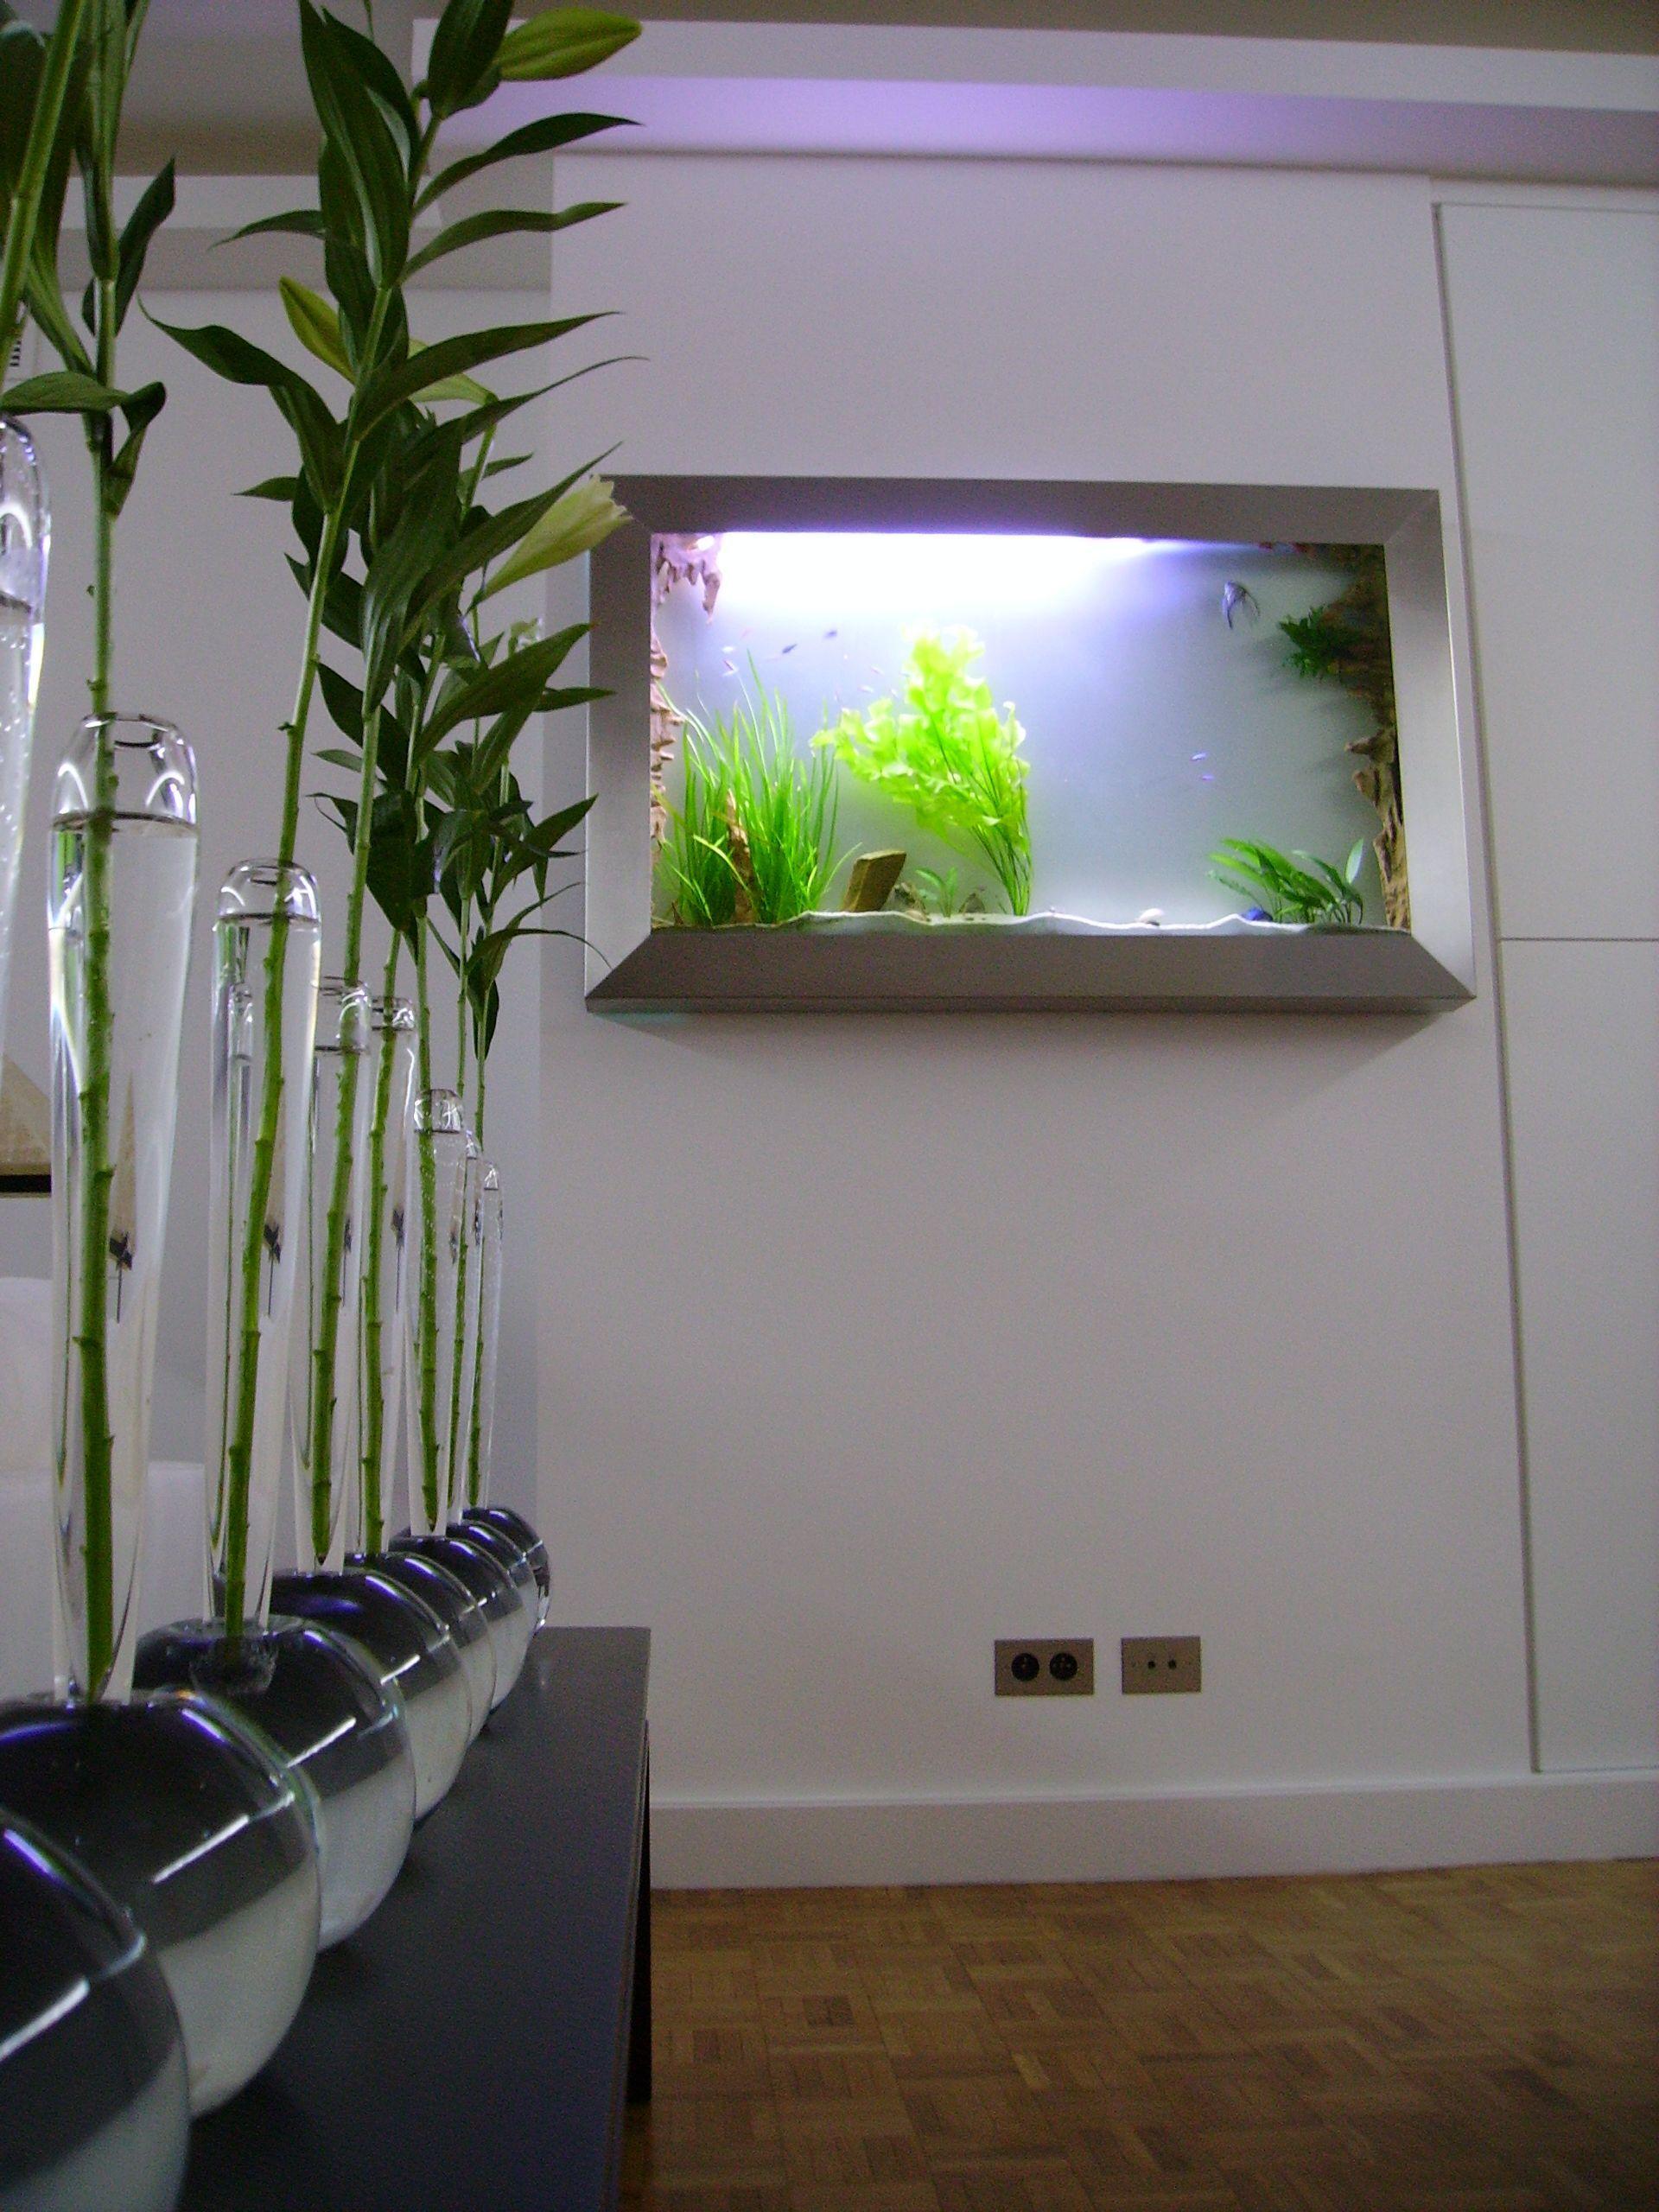 0d42230390295bec8f28b4b54e05b8be Frais De Fabriquer Aquarium Concept